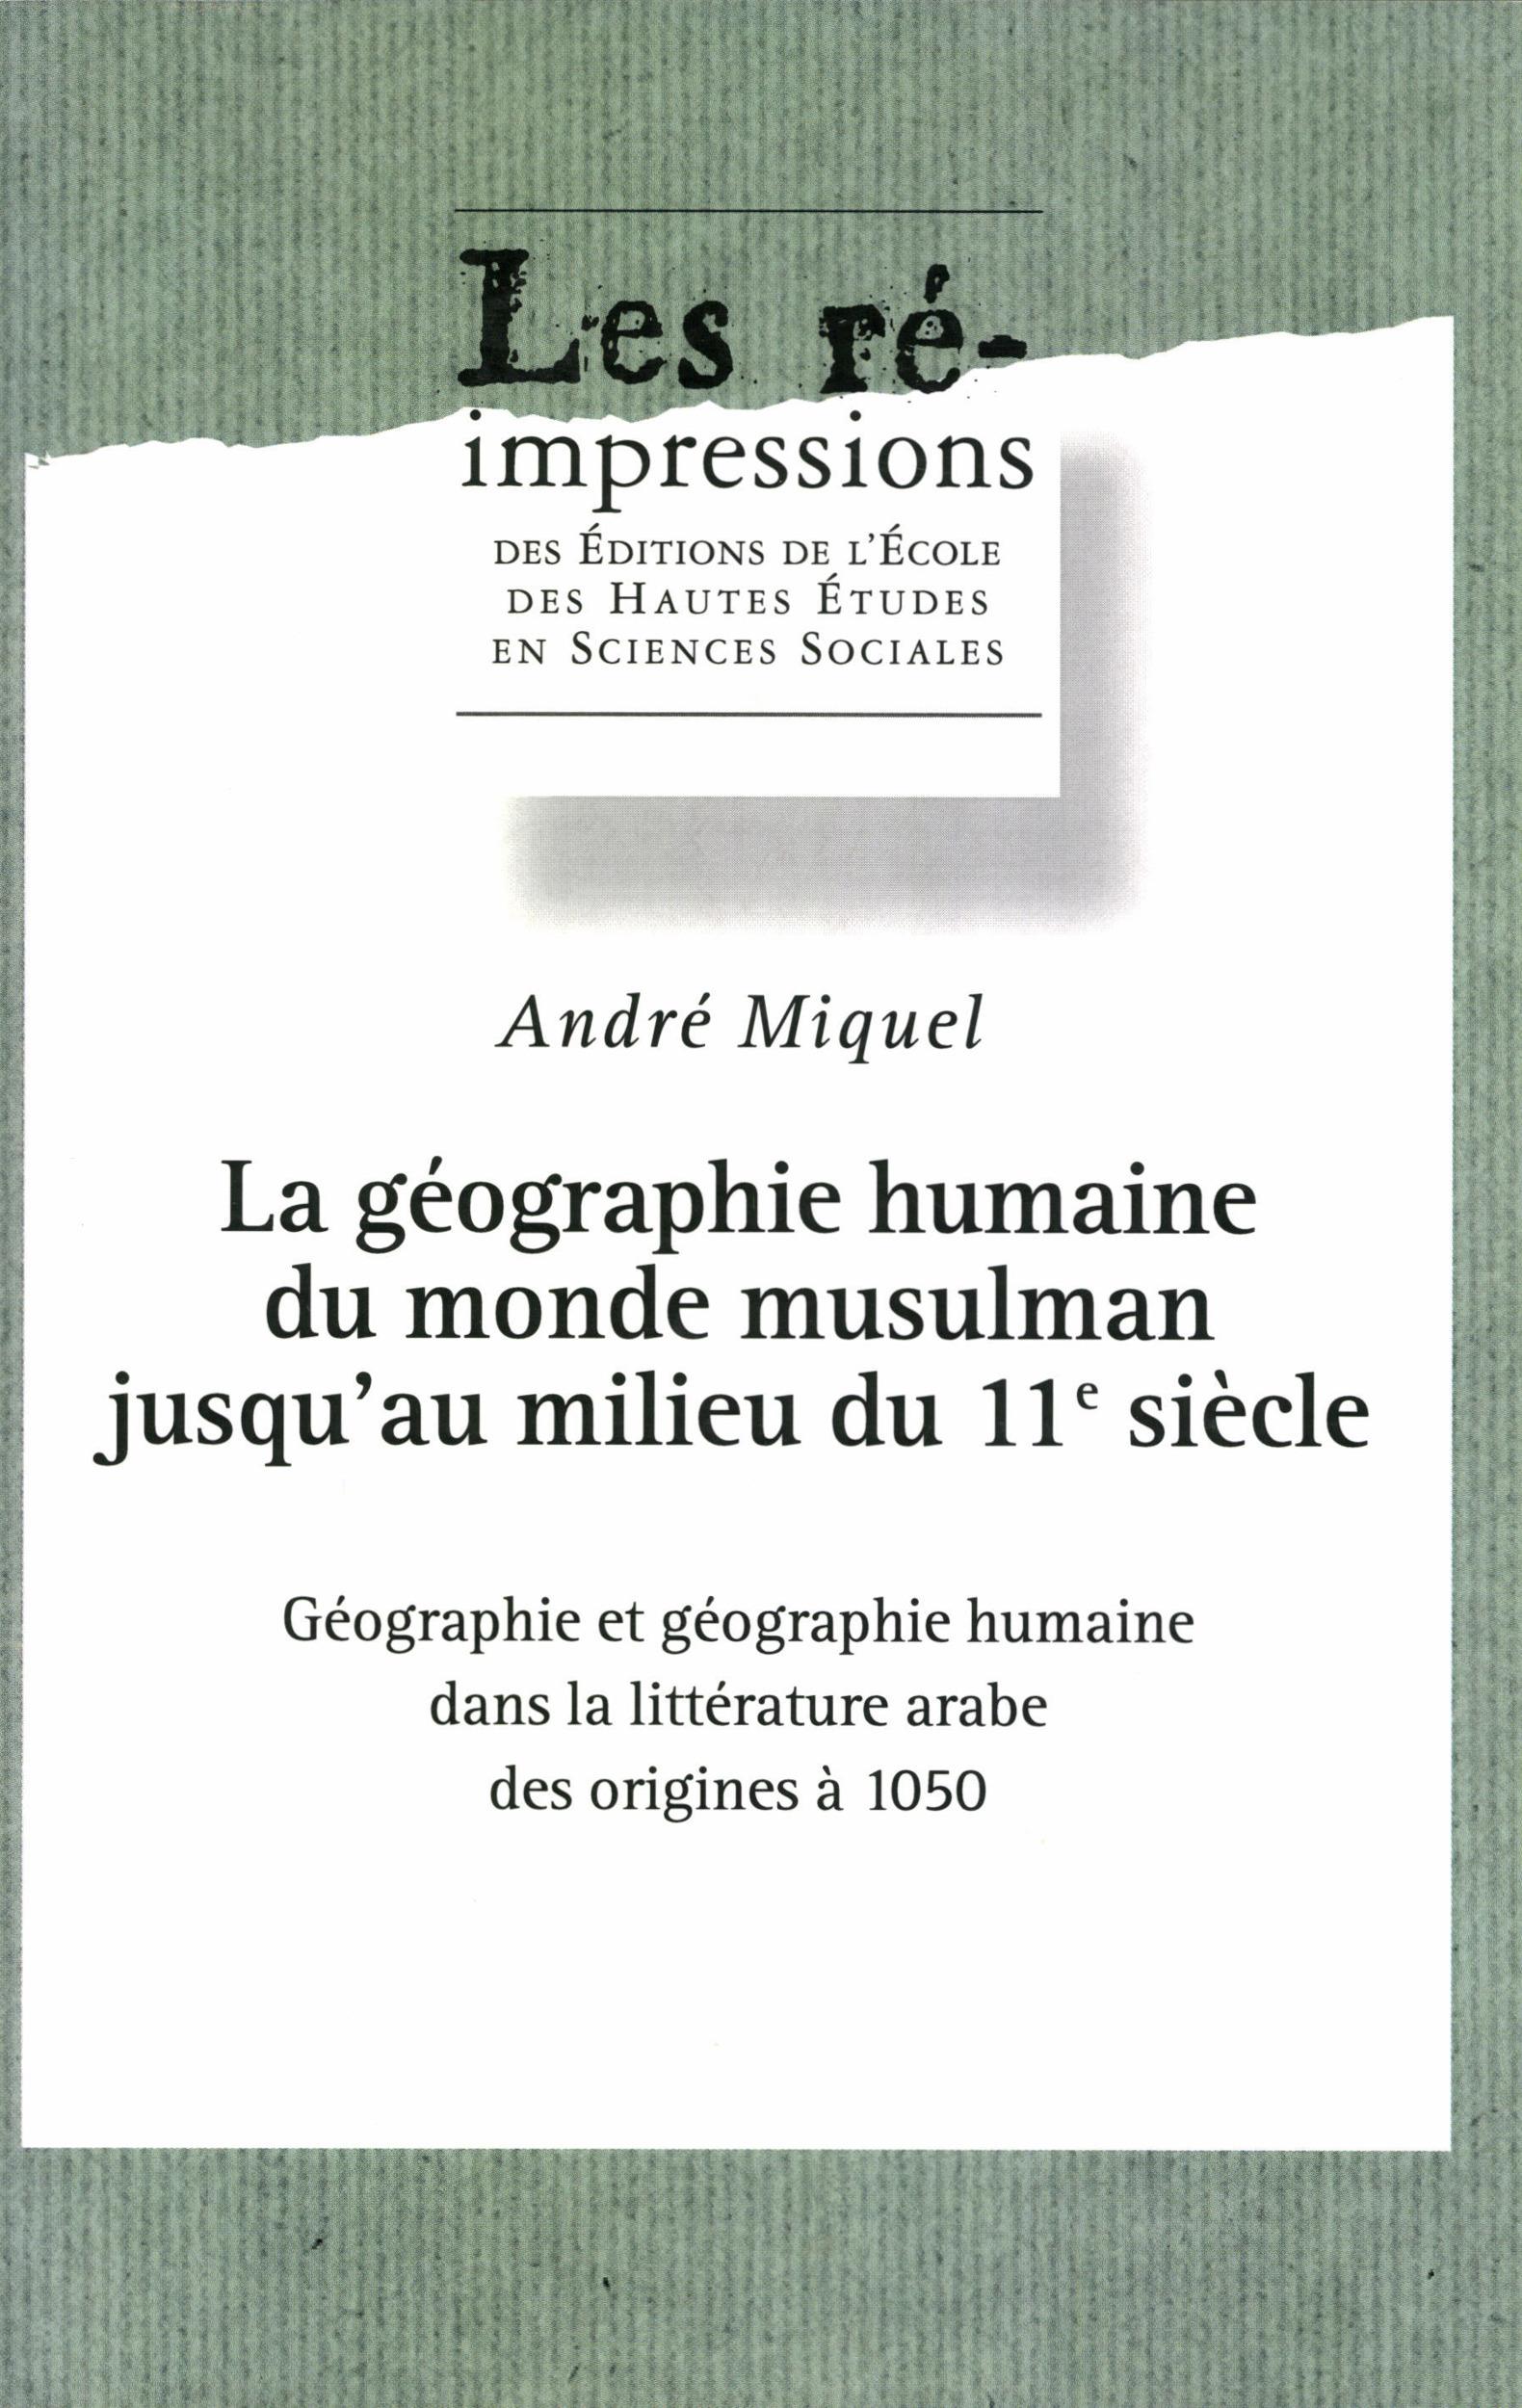 Geographie et geographie humaine dans la litterature arabe d